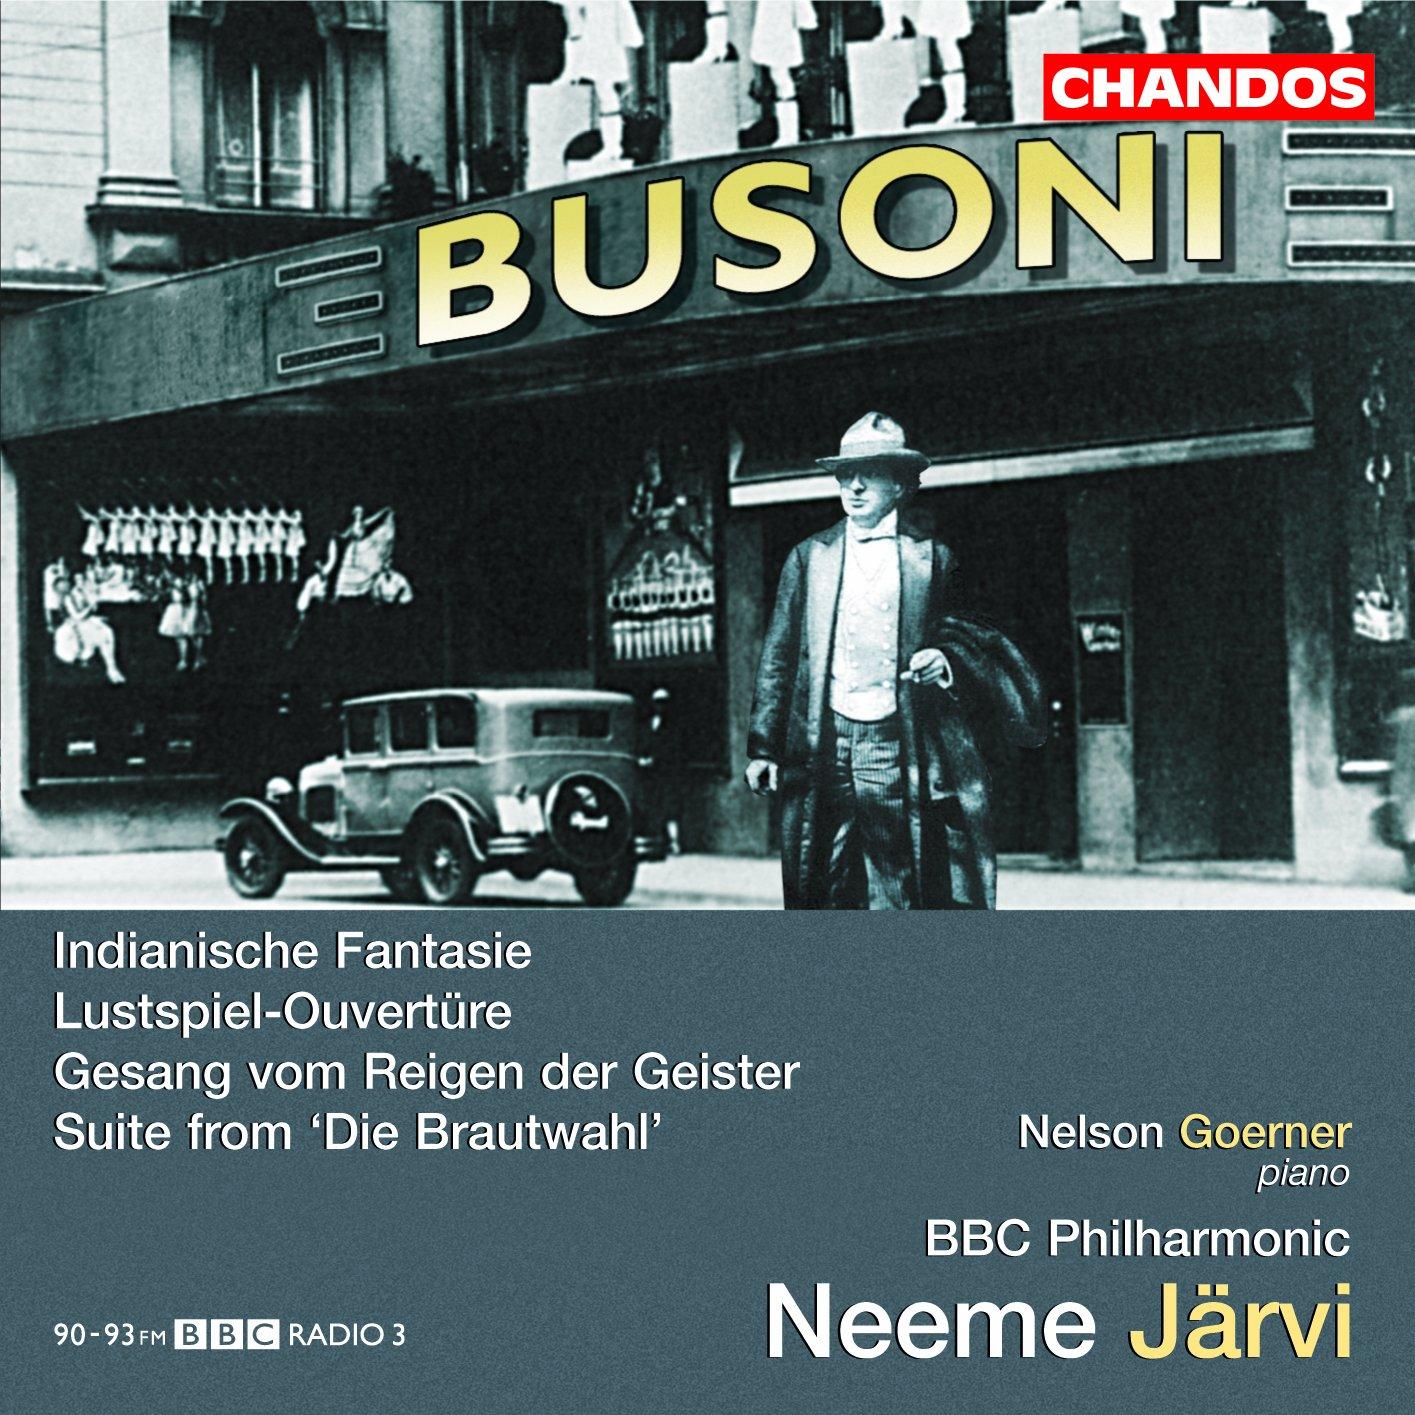 Busoni